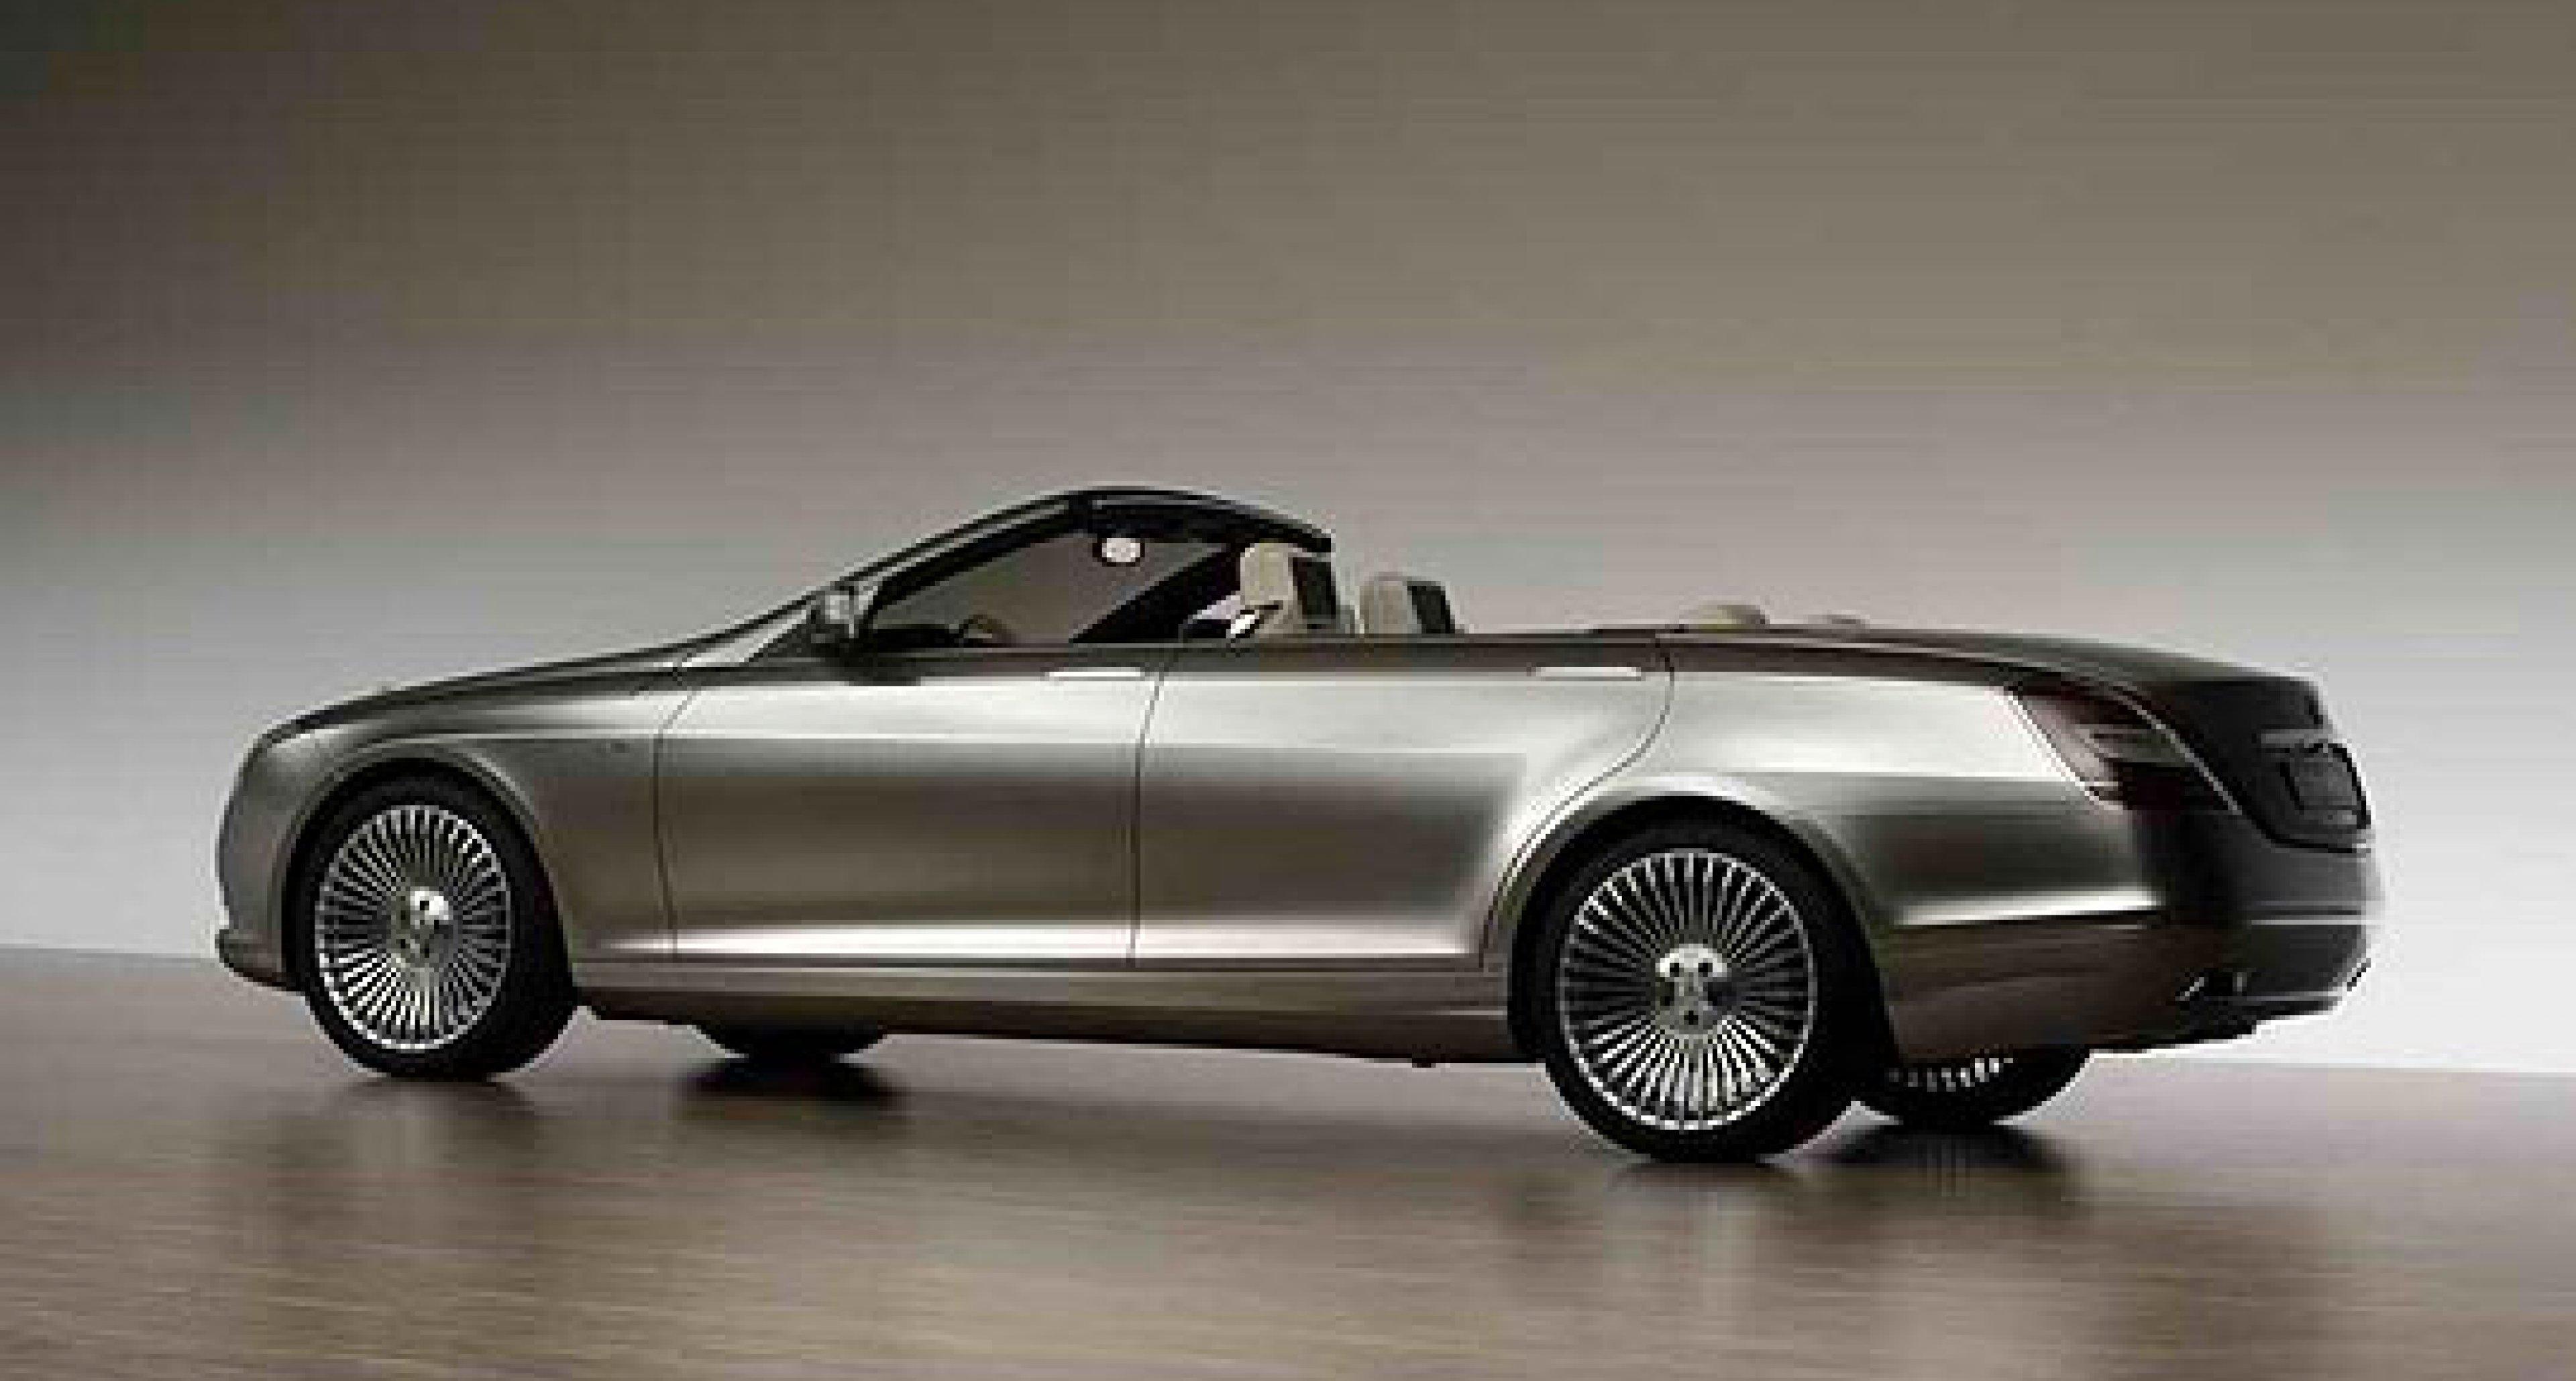 Mercedes-Benz Concept Ocean Drive design study